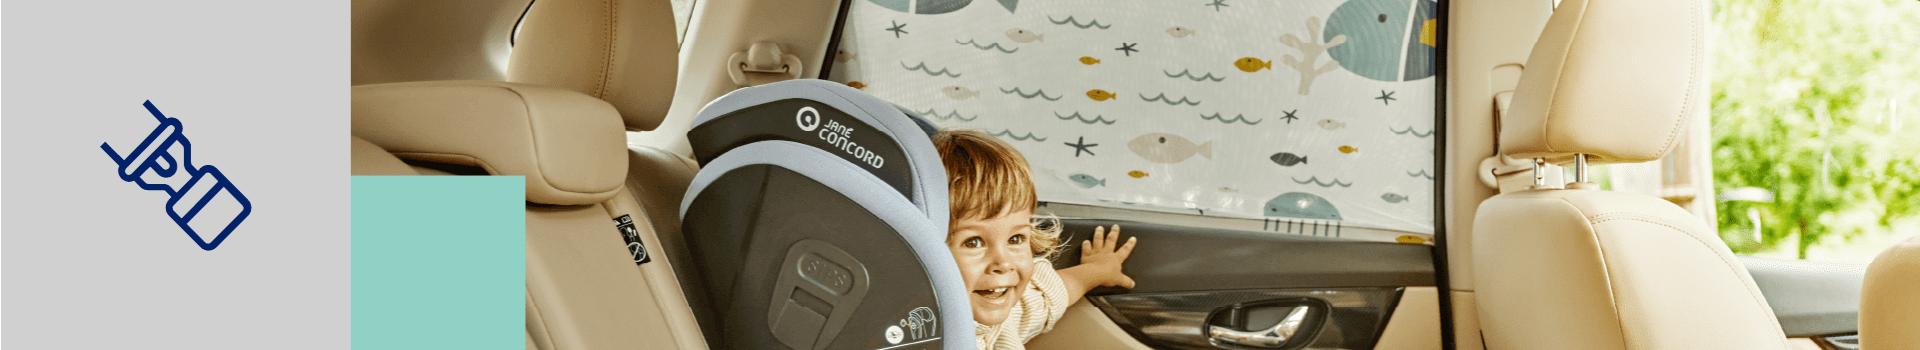 Accessori per passeggini e viaggi con bambini. | Janéworld